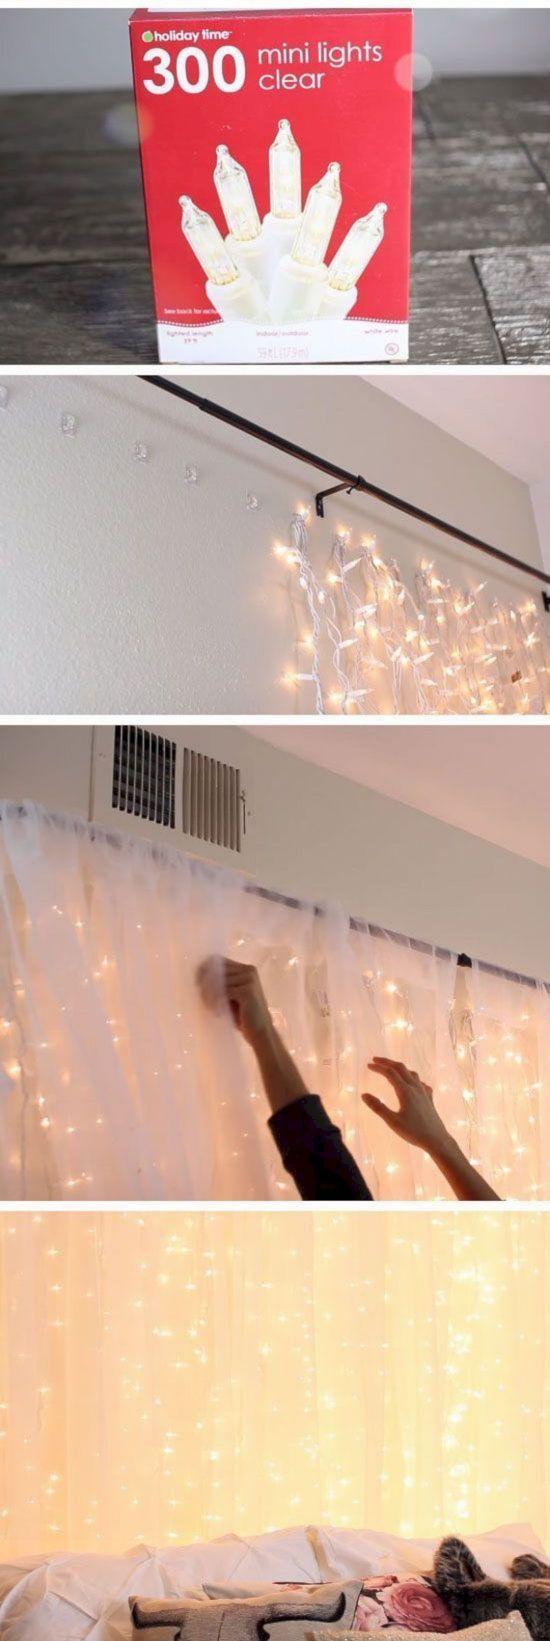 10 niedliche DIY-Ideen, die Ihr Zuhause entzückend machen